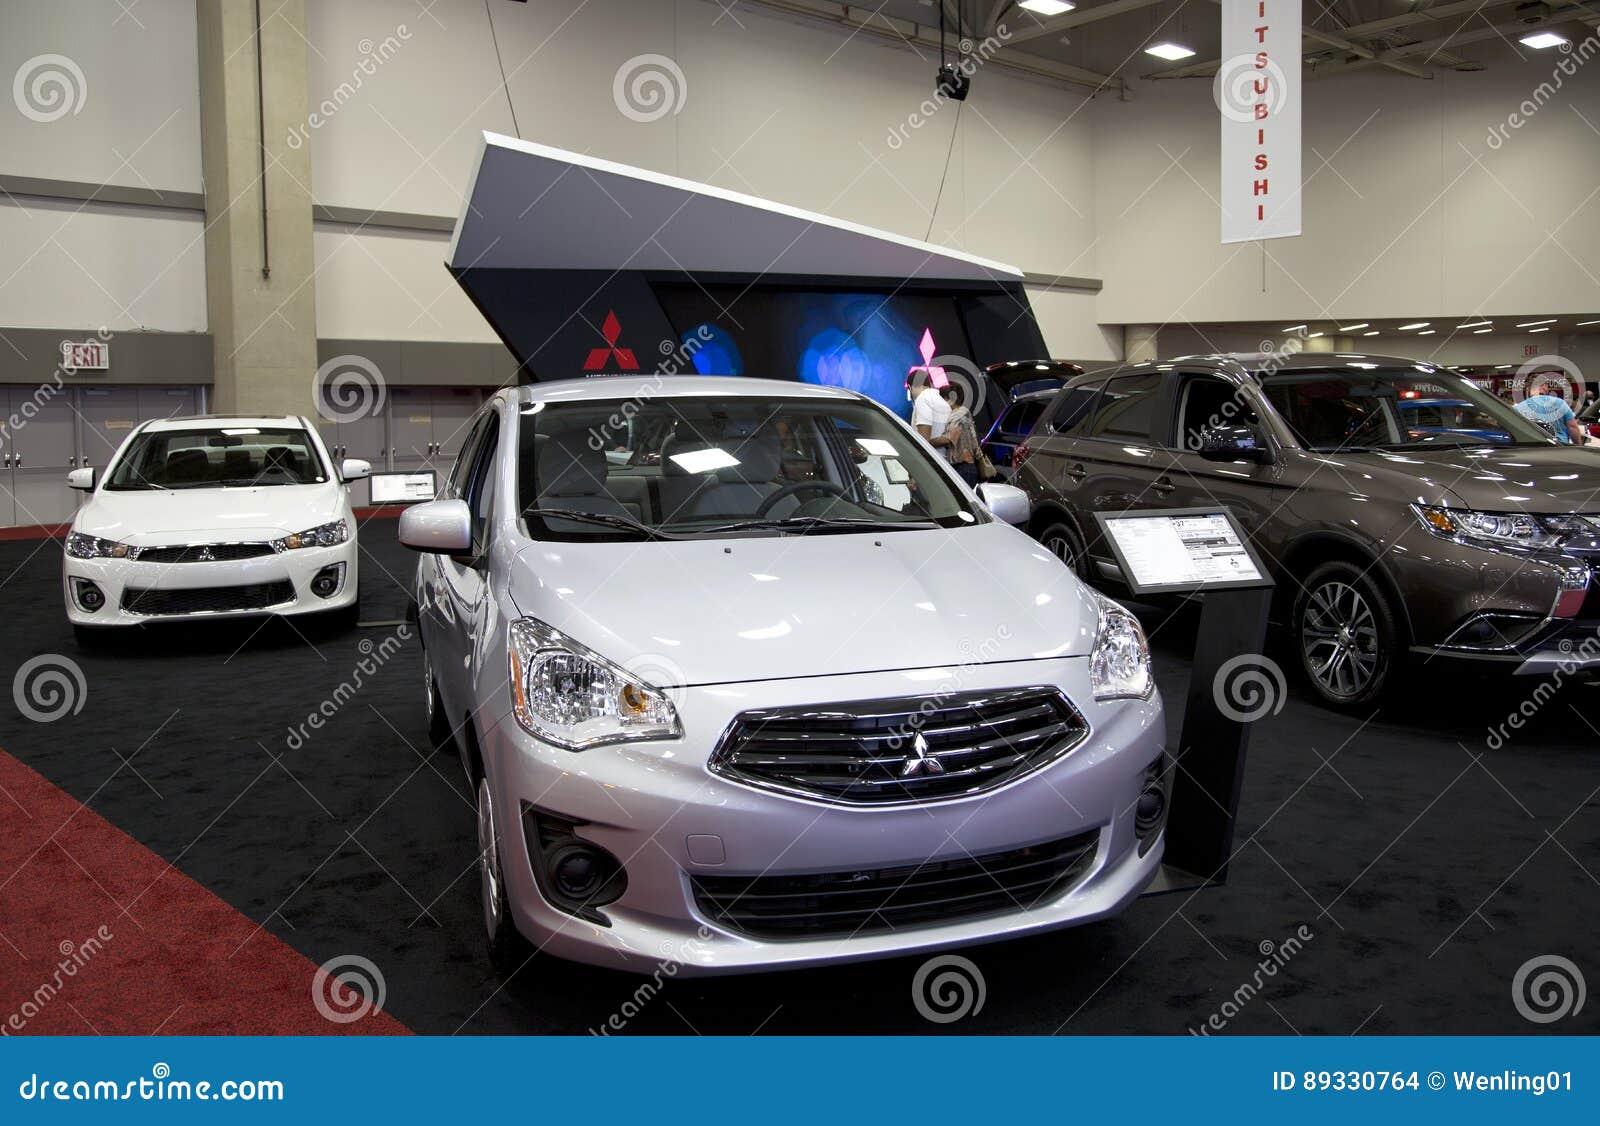 Dallas Car Show >> Auto Show In Dallas Tx 2017 Editorial Stock Image Image Of